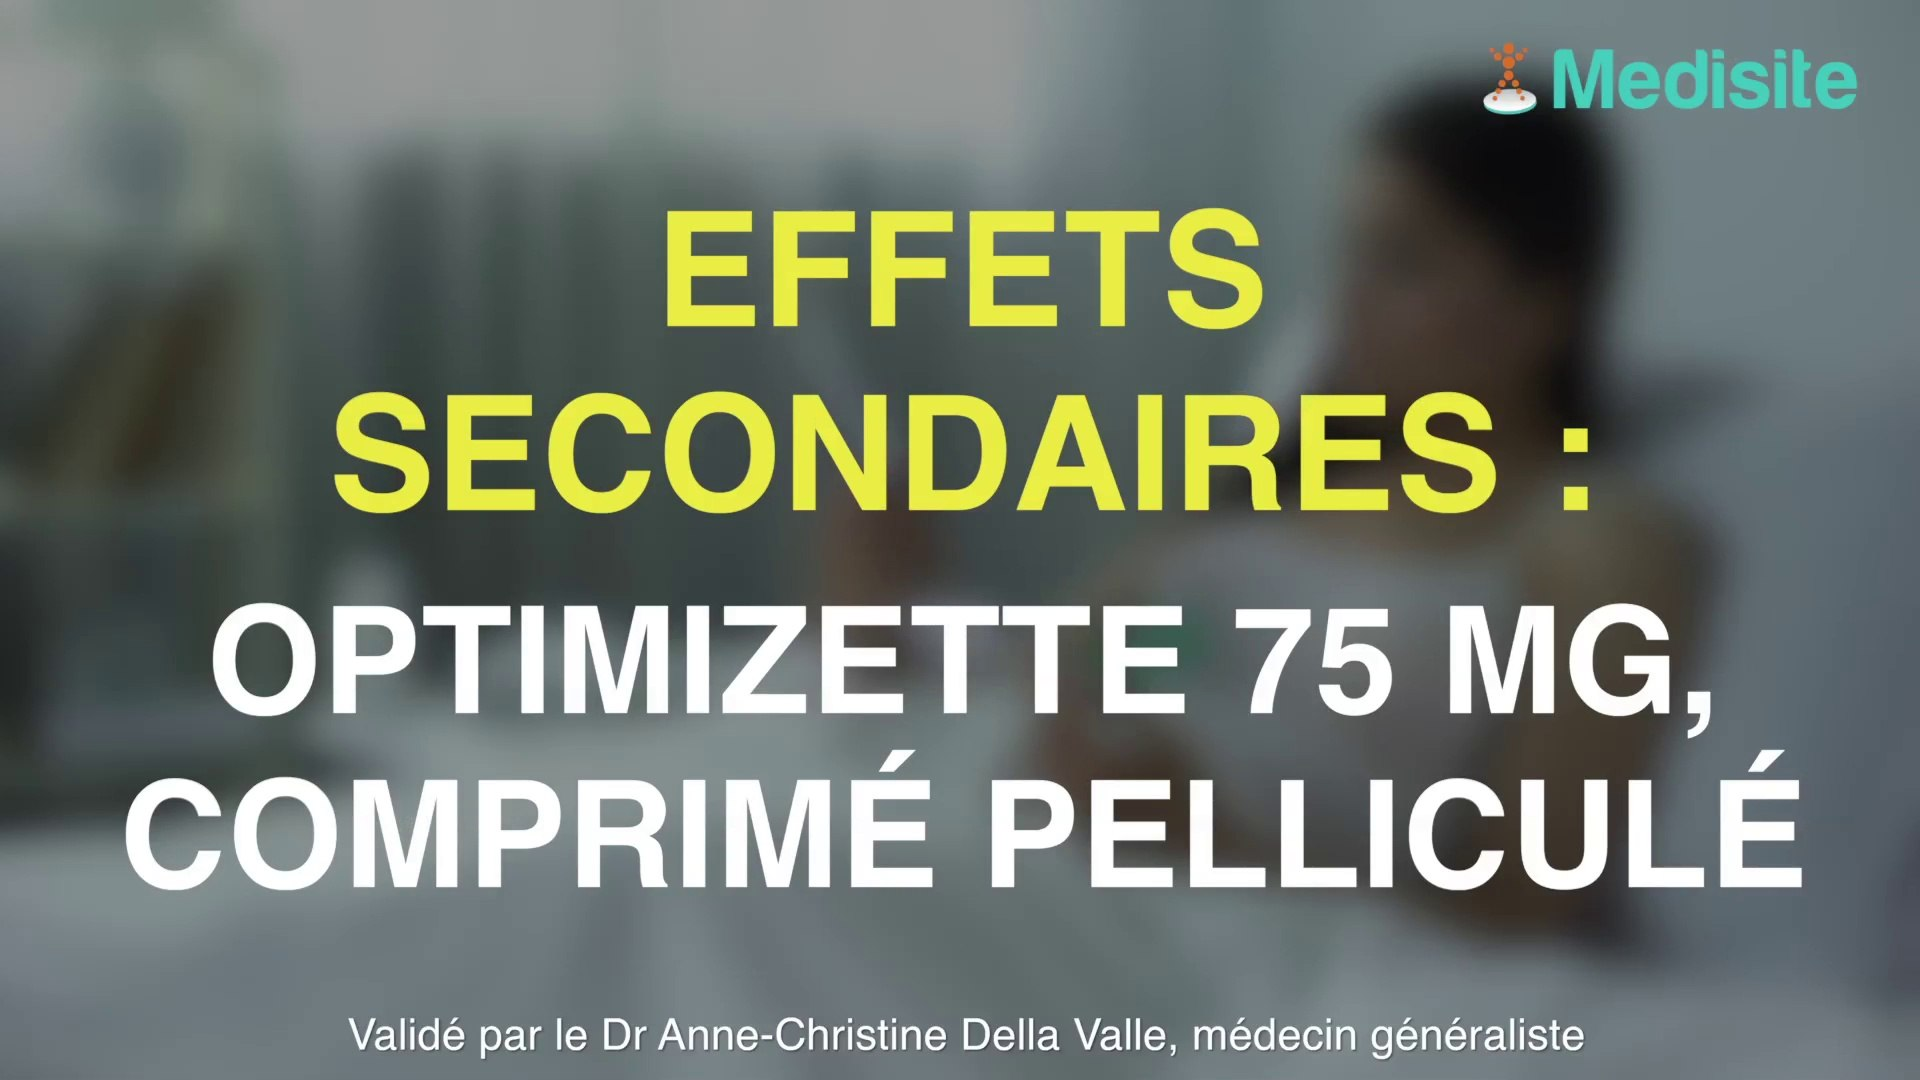 Optimizette 75 microgramme : d'importants effets secondaires ...